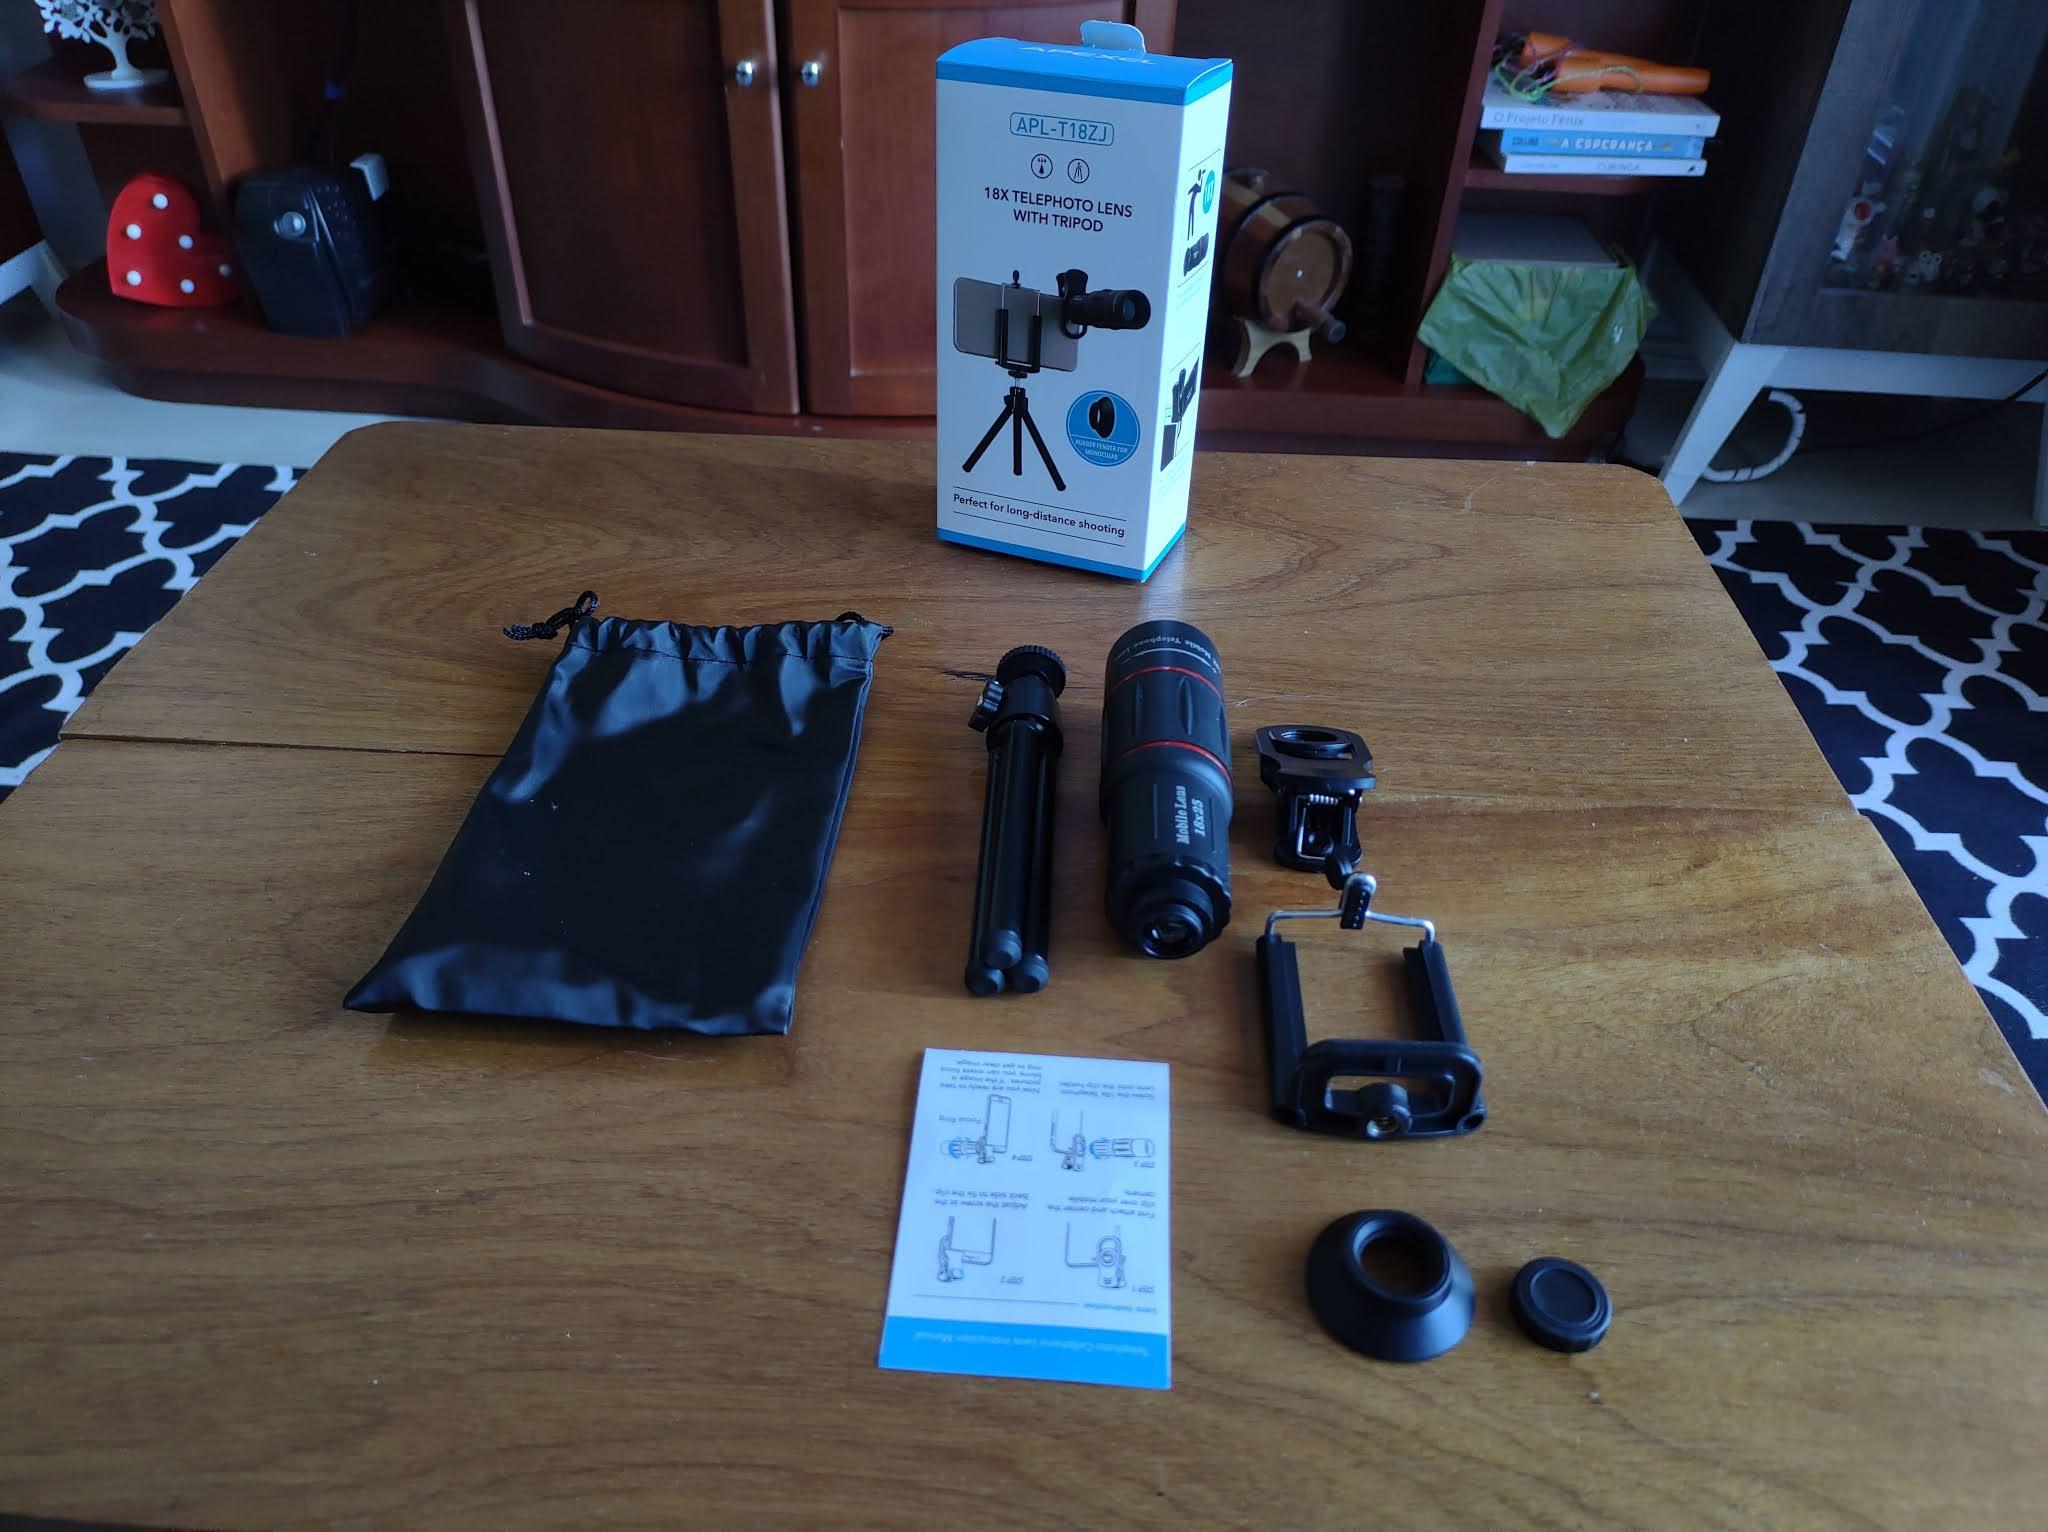 kit lente externa smartphone apexel technology apl t18zj